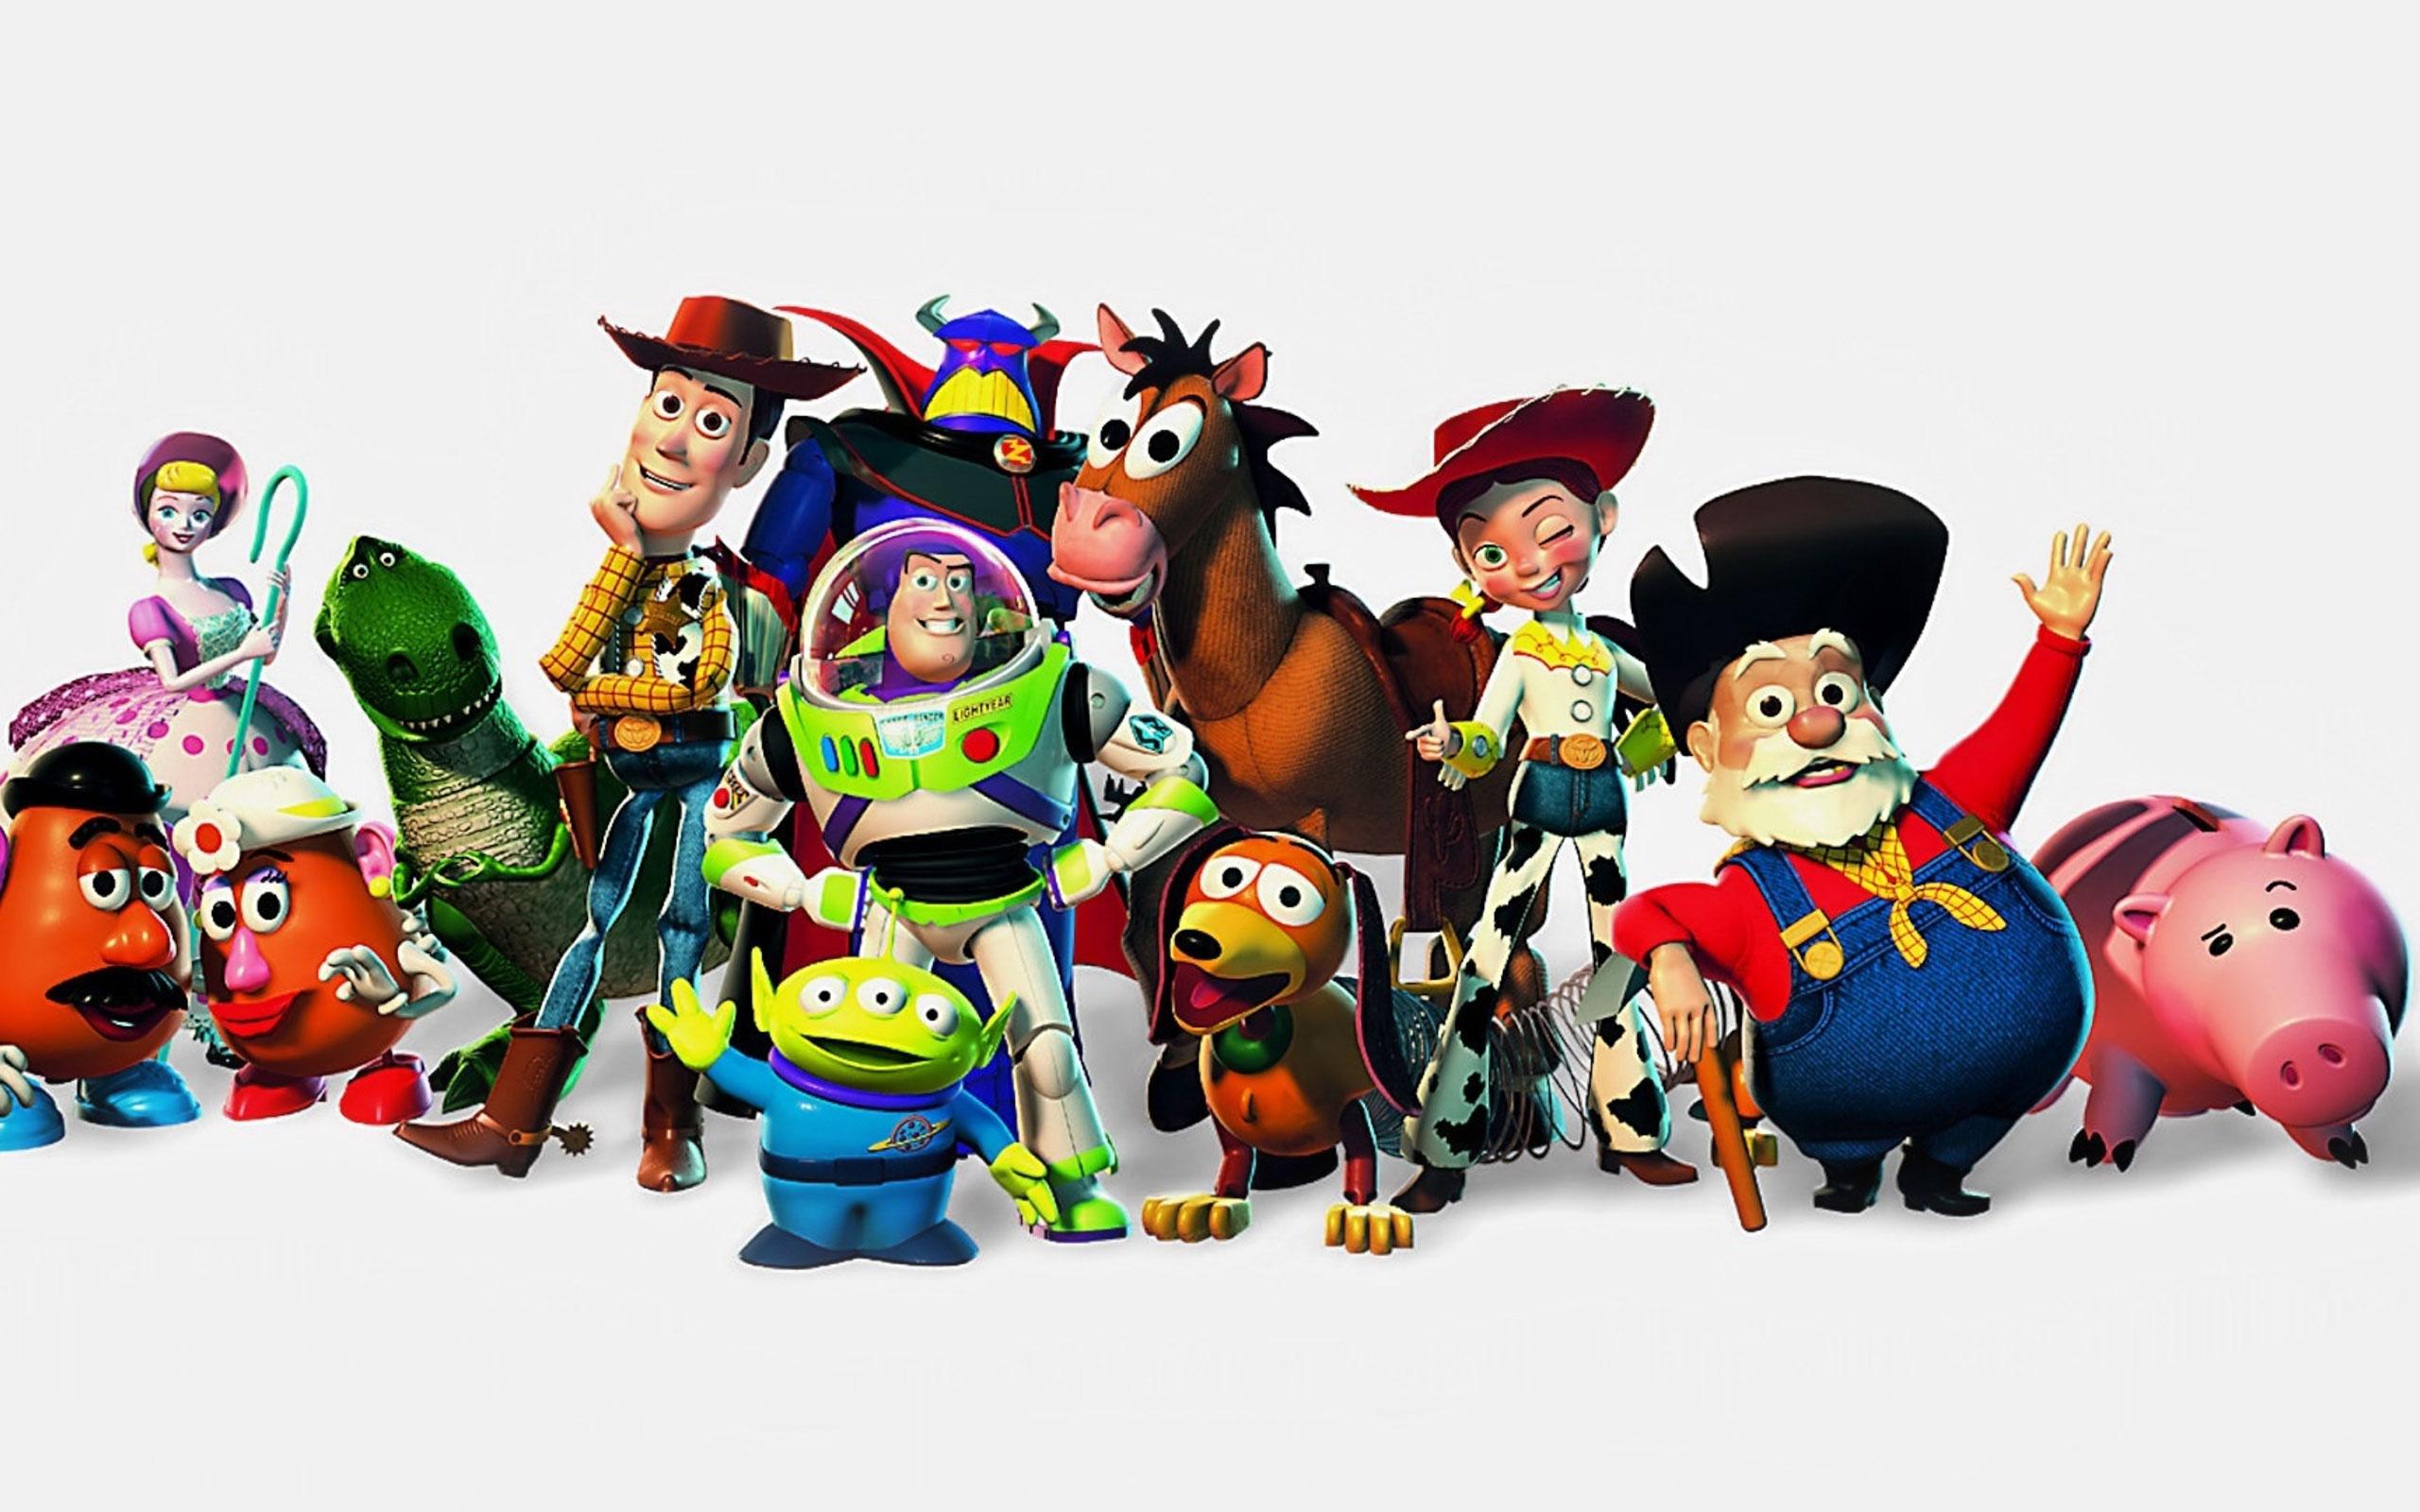 2560x1024 Hd Wallpaper Toy Story 高清壁纸 桌面背景 2560x1600 Id 498308 Wallpaper